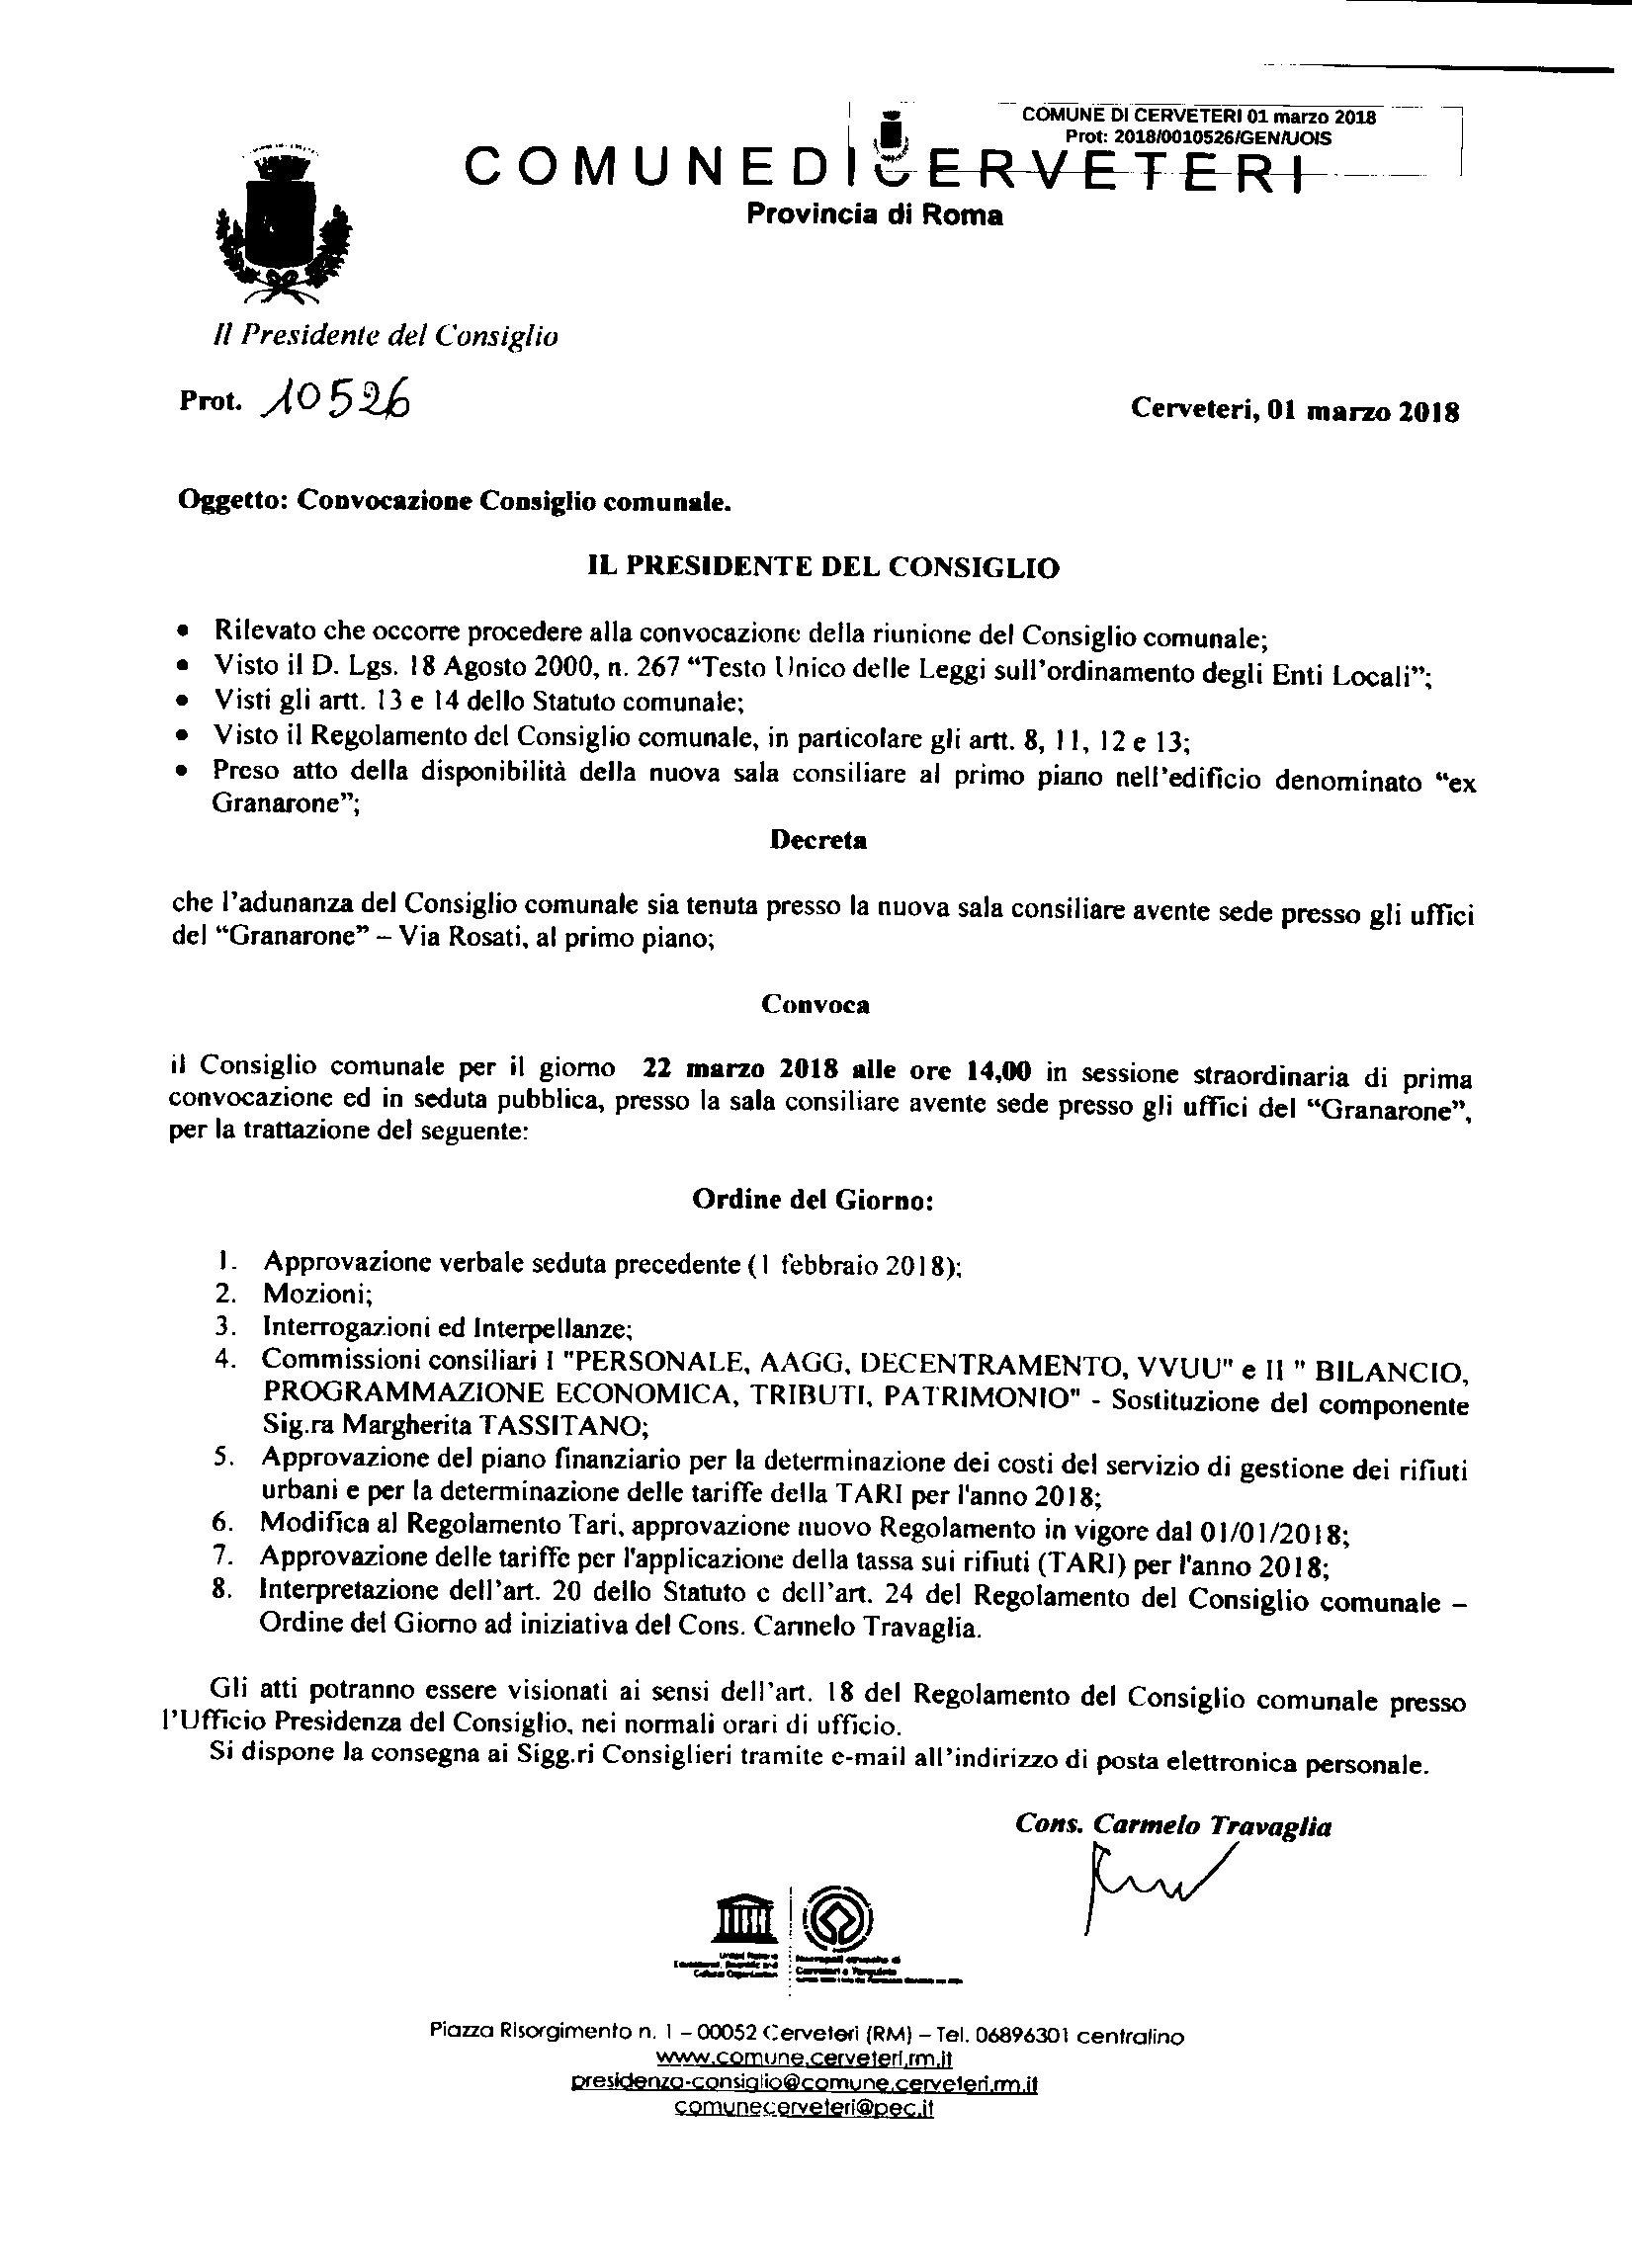 Convocazione Consiglio Comunale del 22/03/2018